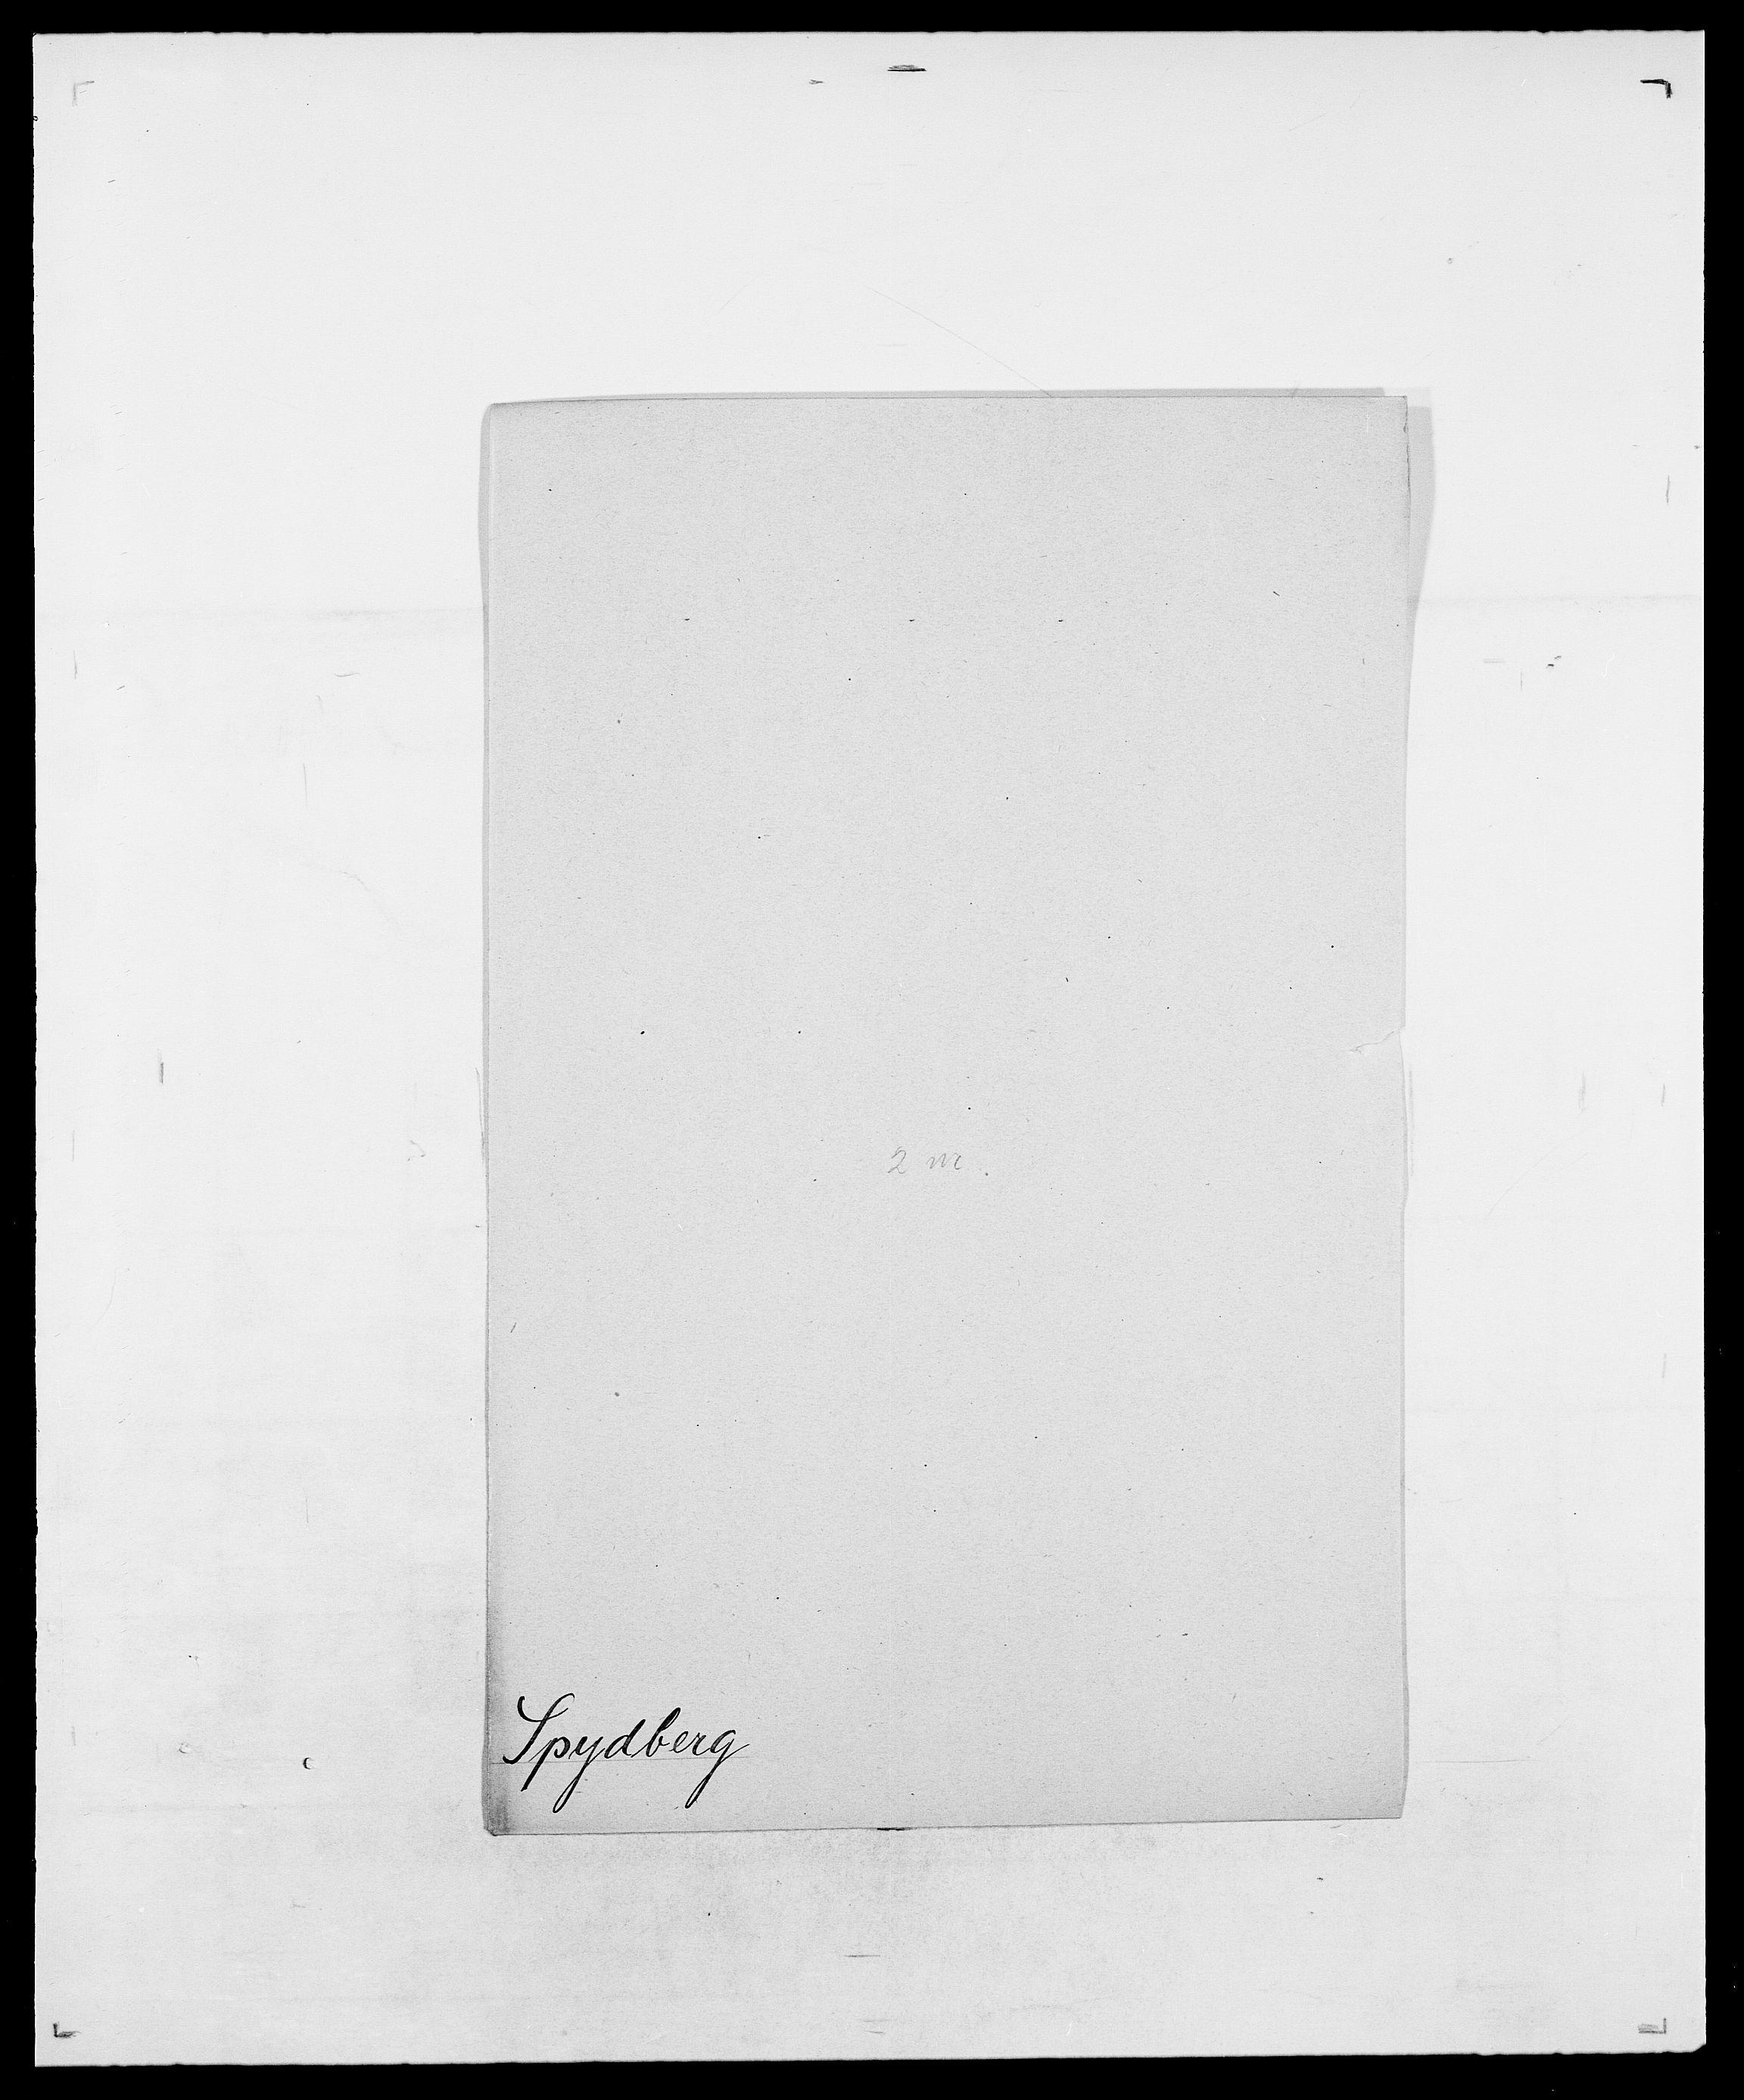 SAO, Delgobe, Charles Antoine - samling, D/Da/L0036: Skaanør - Staverskov, s. 590